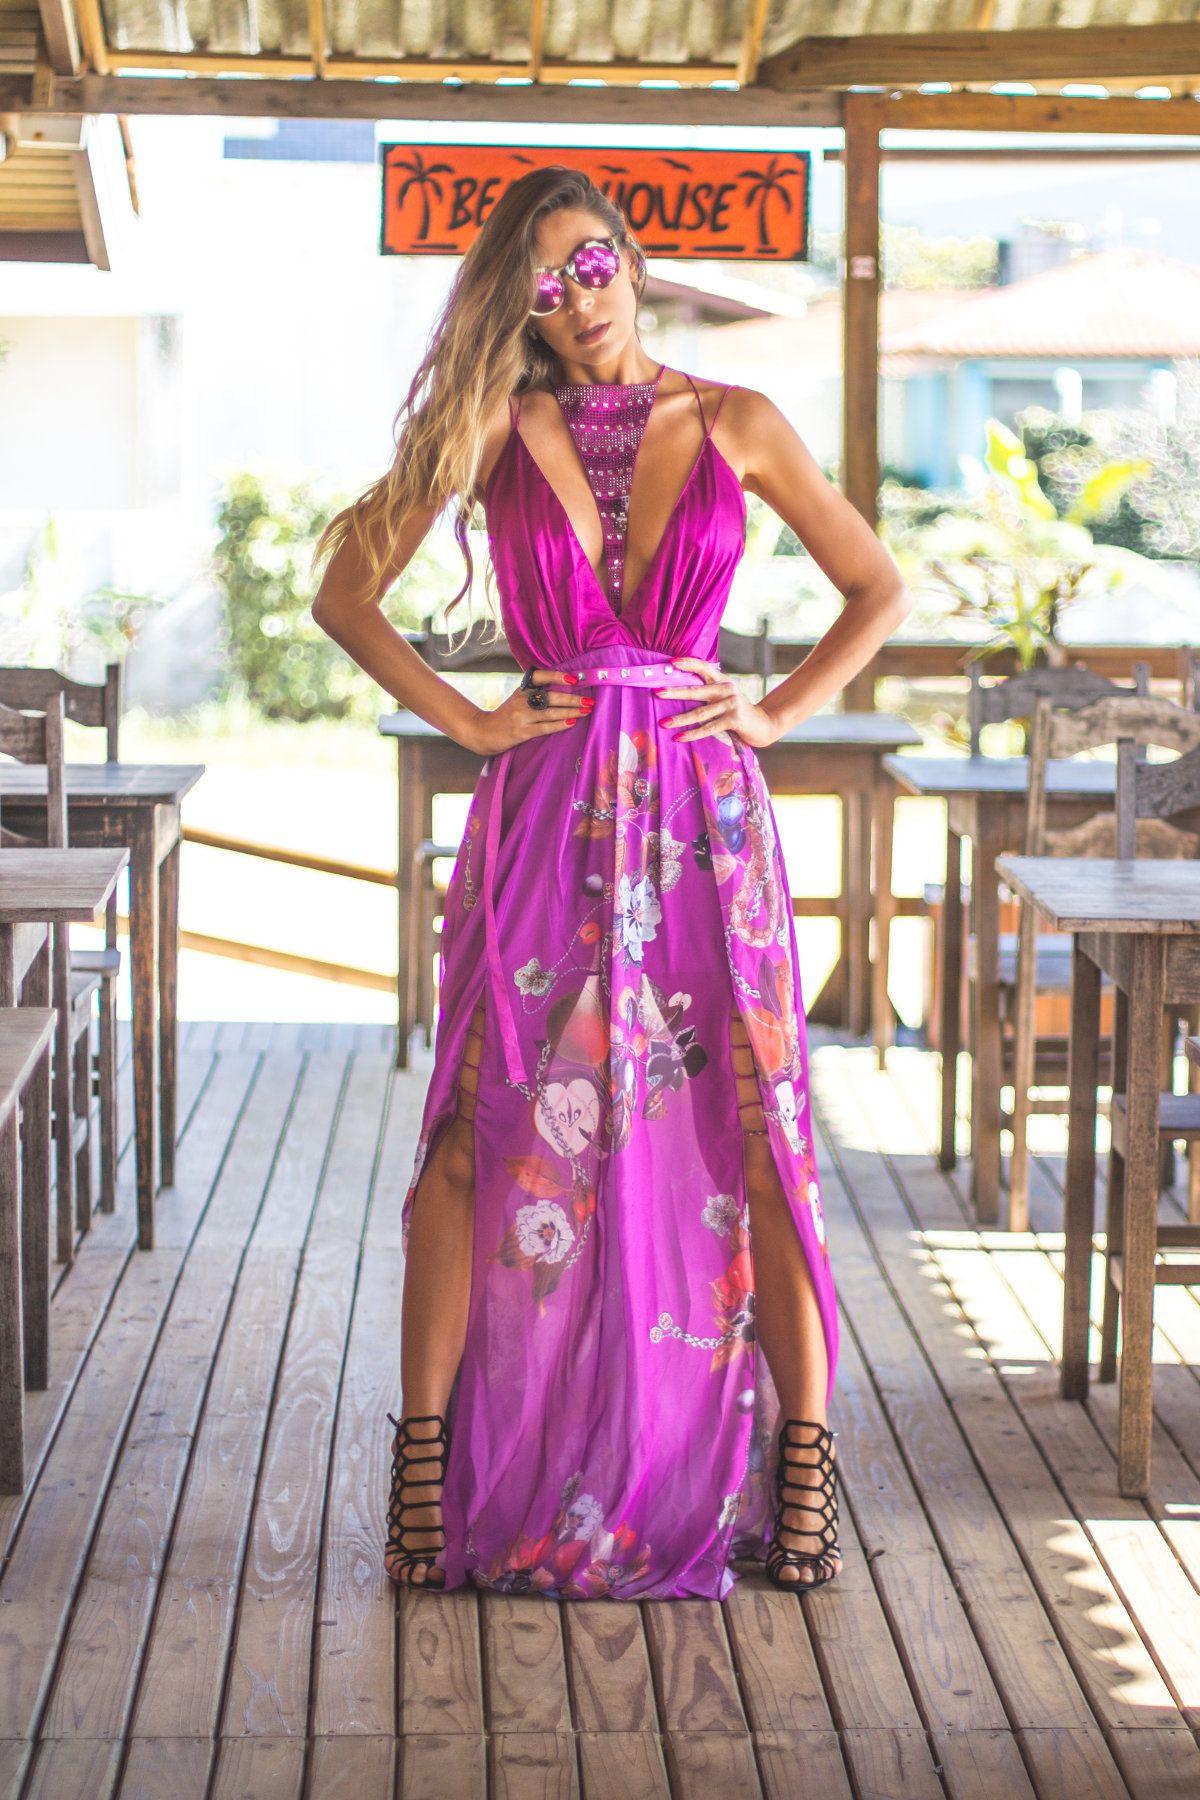 Vestido para casamento de dia | Vestiditos, Púrpura y Vestidos de noche